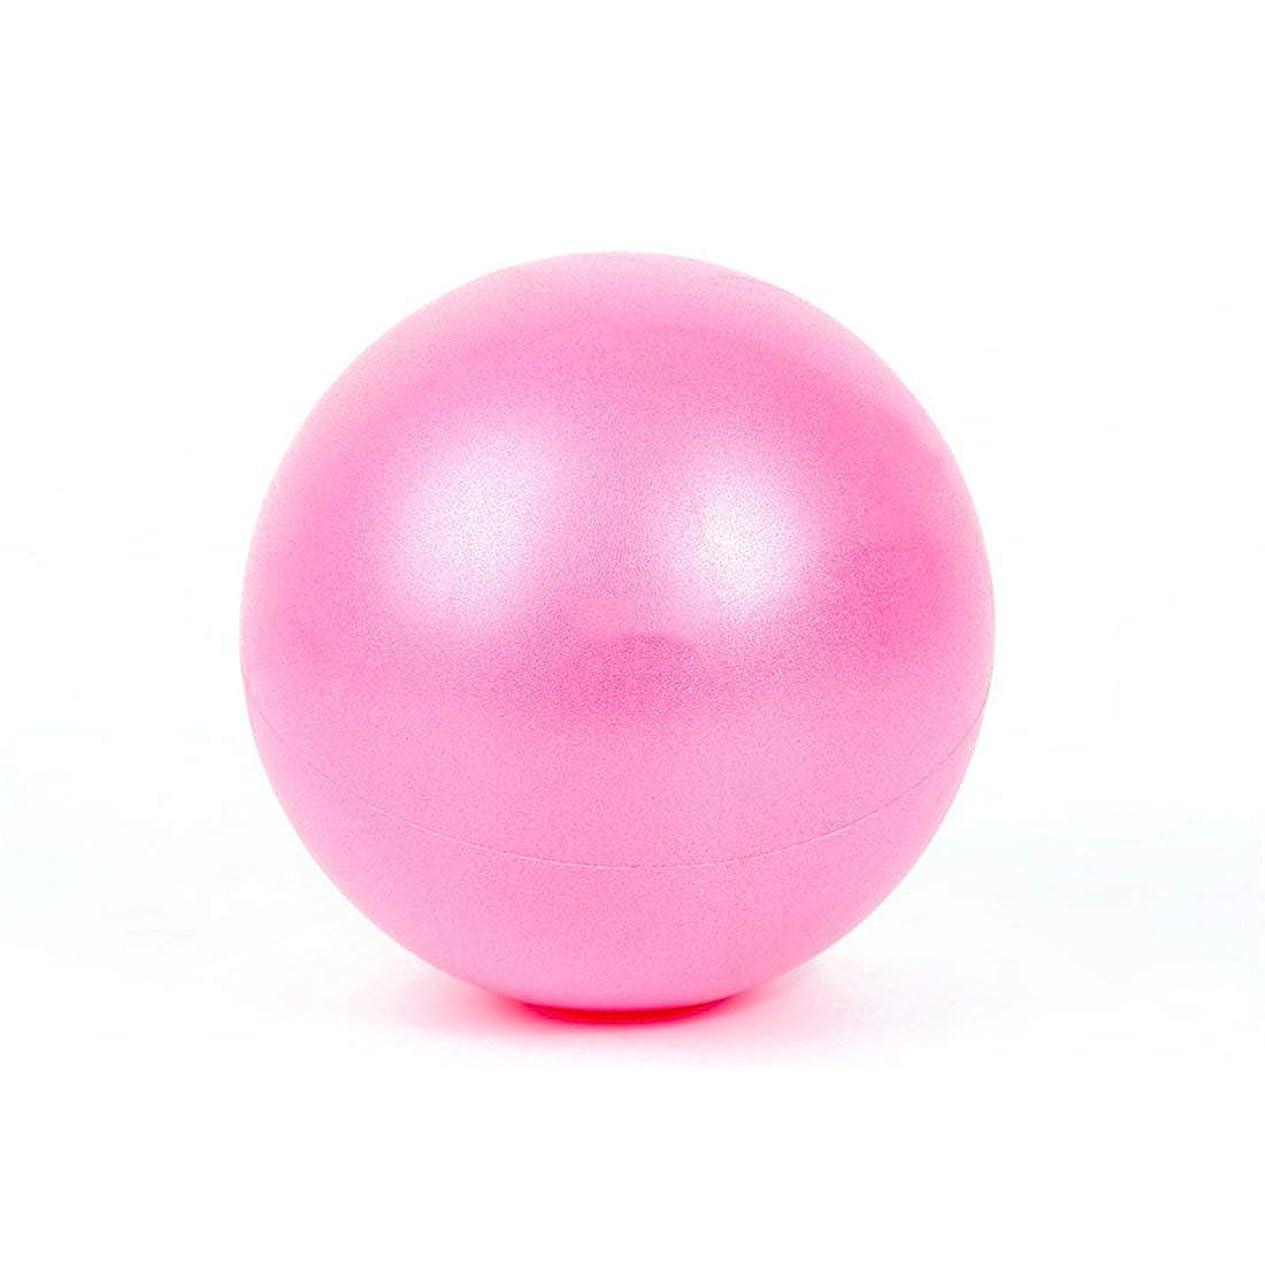 パーセント献身修士号MARUIKAO ヨガボール ピラティスボール バランスボール エクササイズボール ミニ